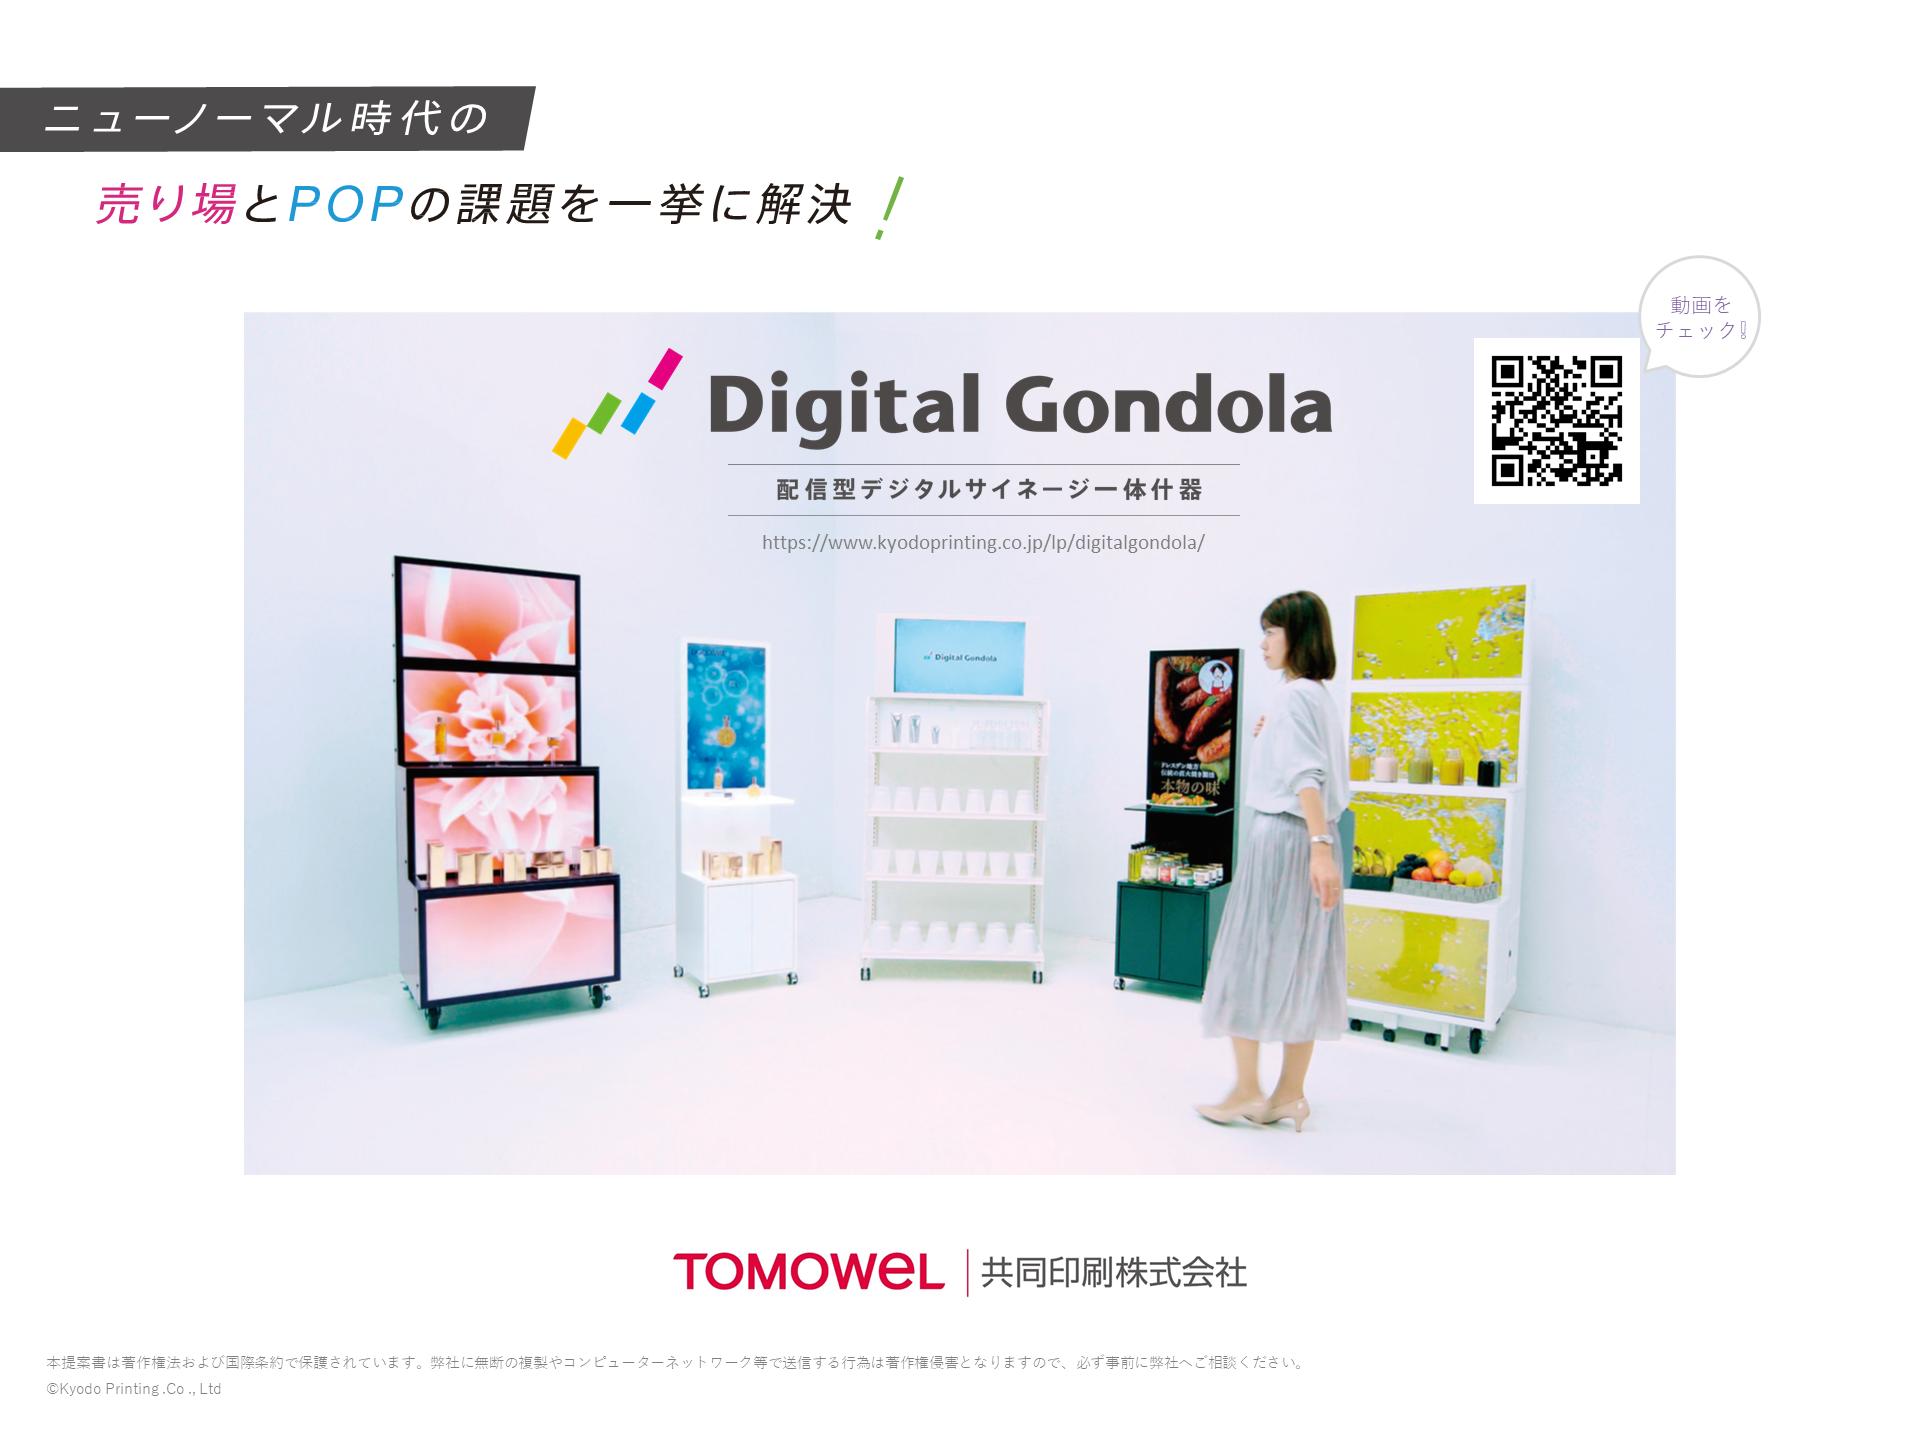 デジタルゴンドラご紹介資料